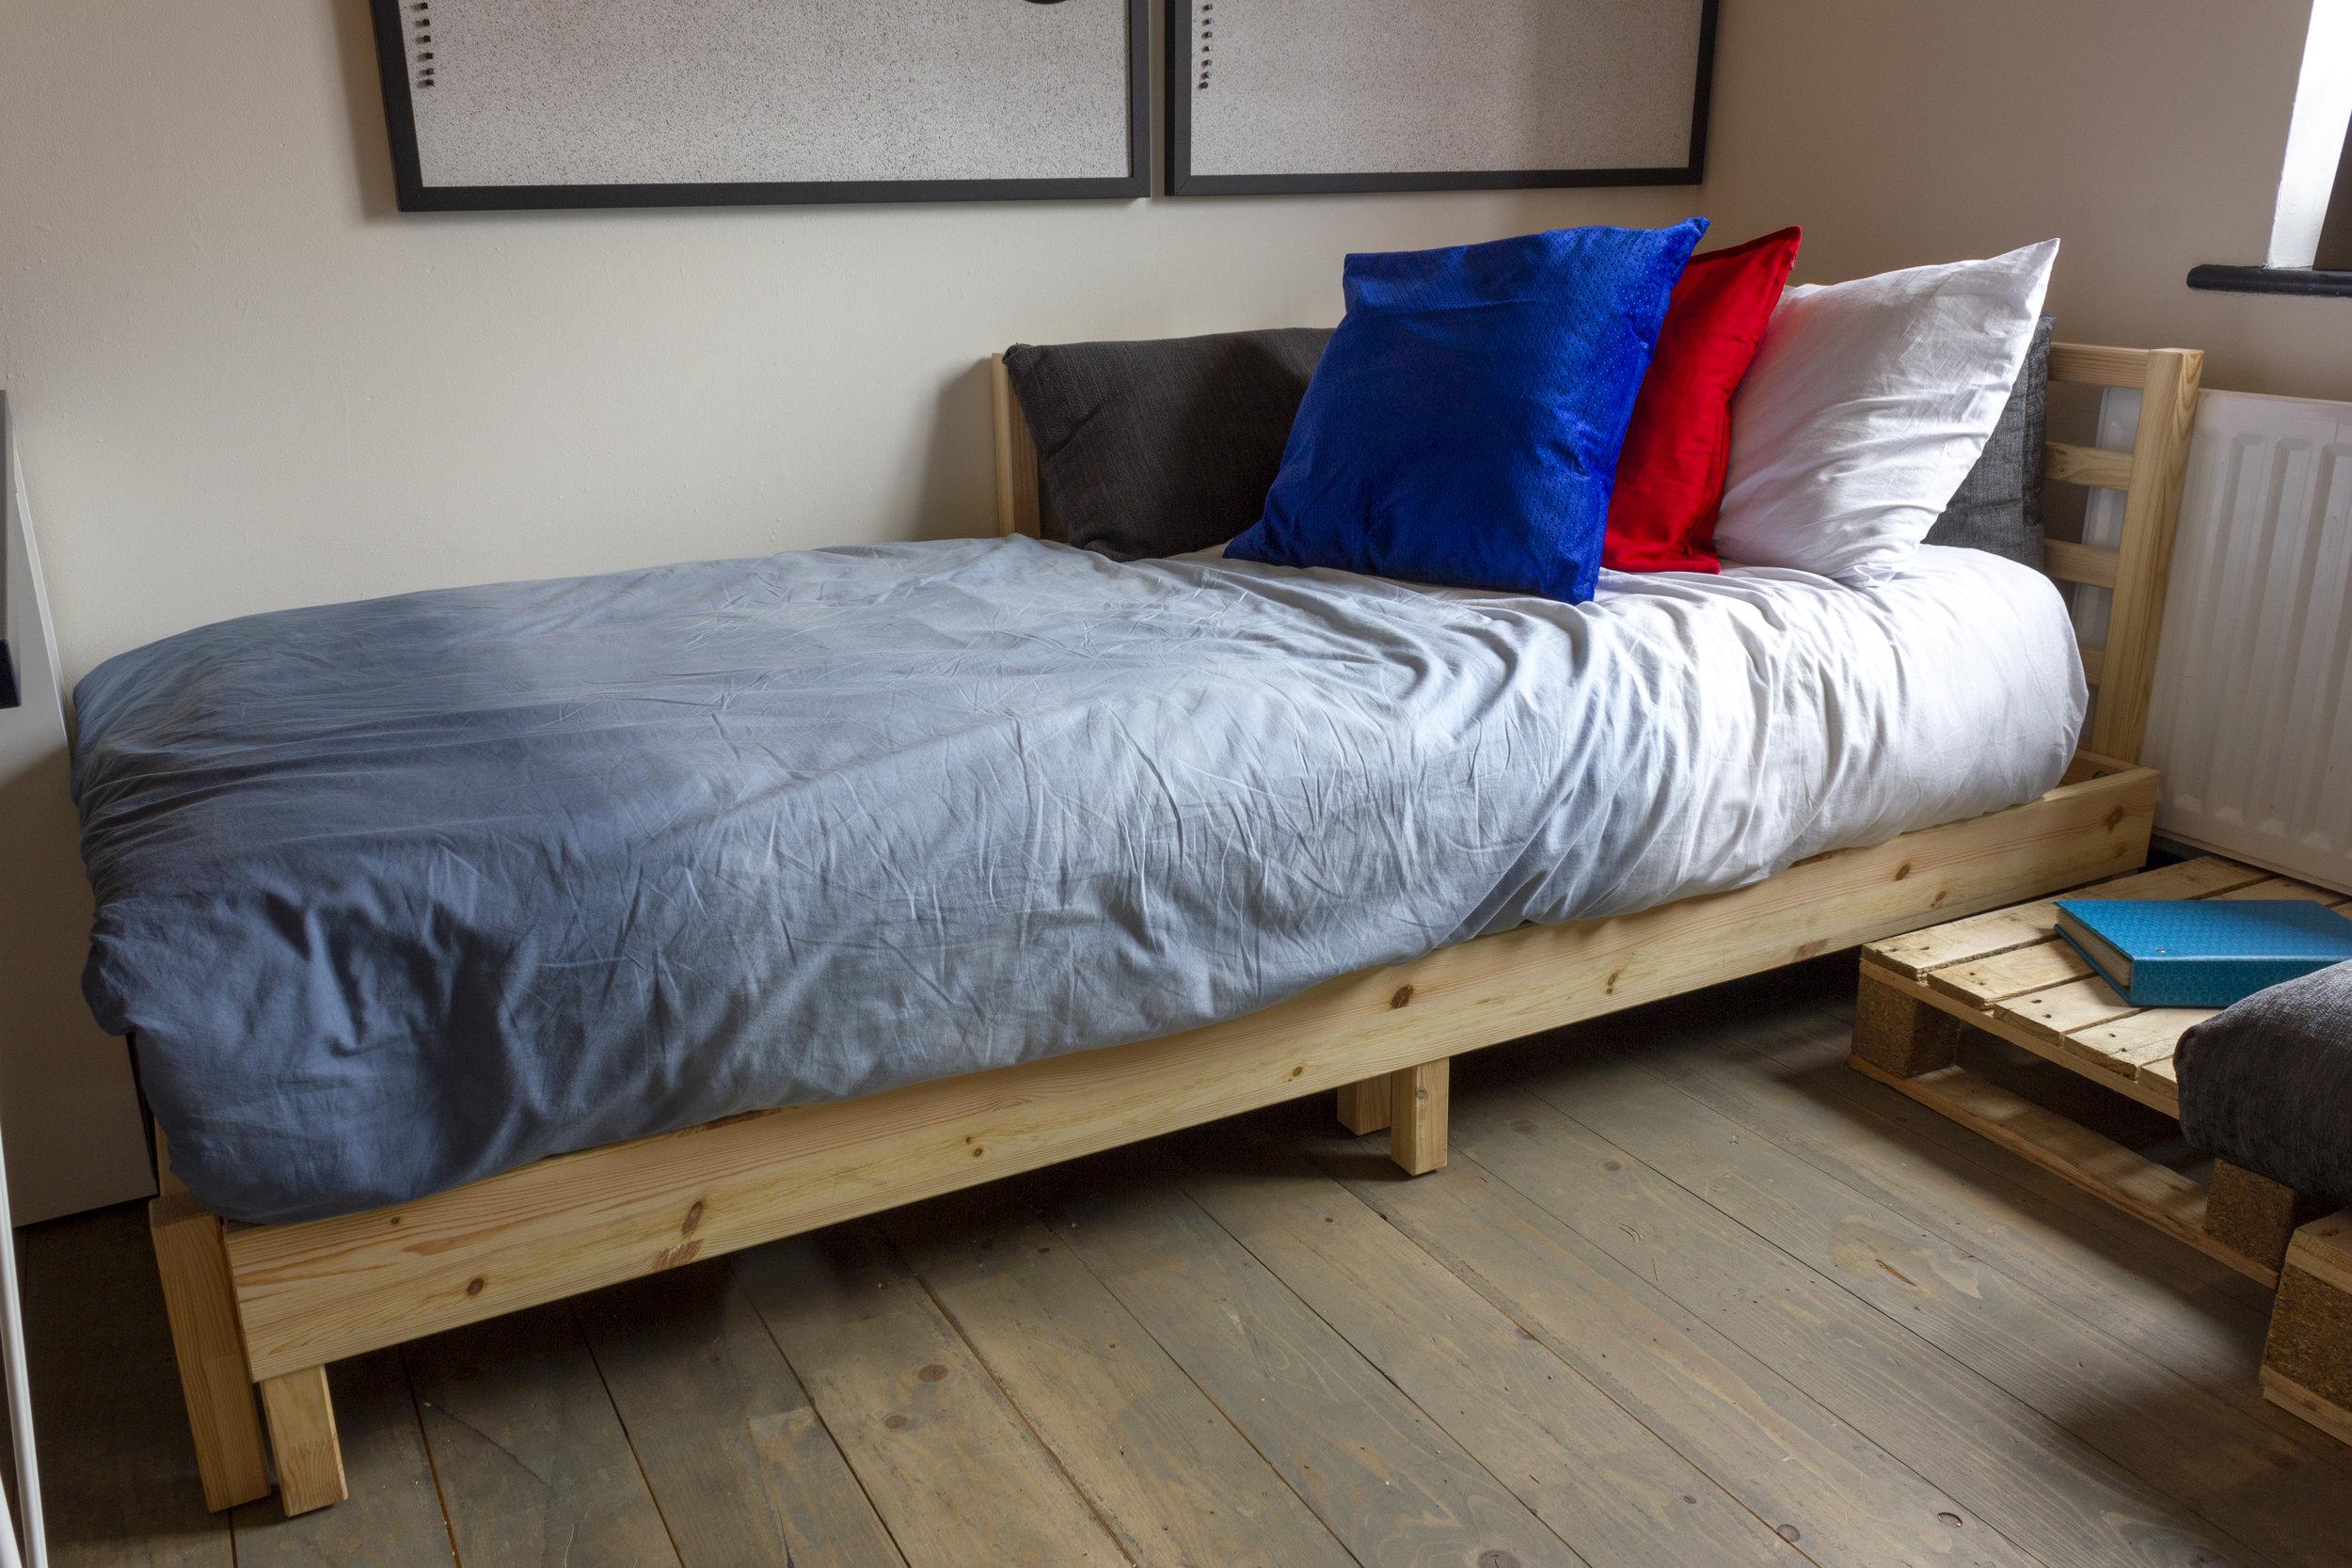 HR - Laytown - After - Bedroom 15.jpg